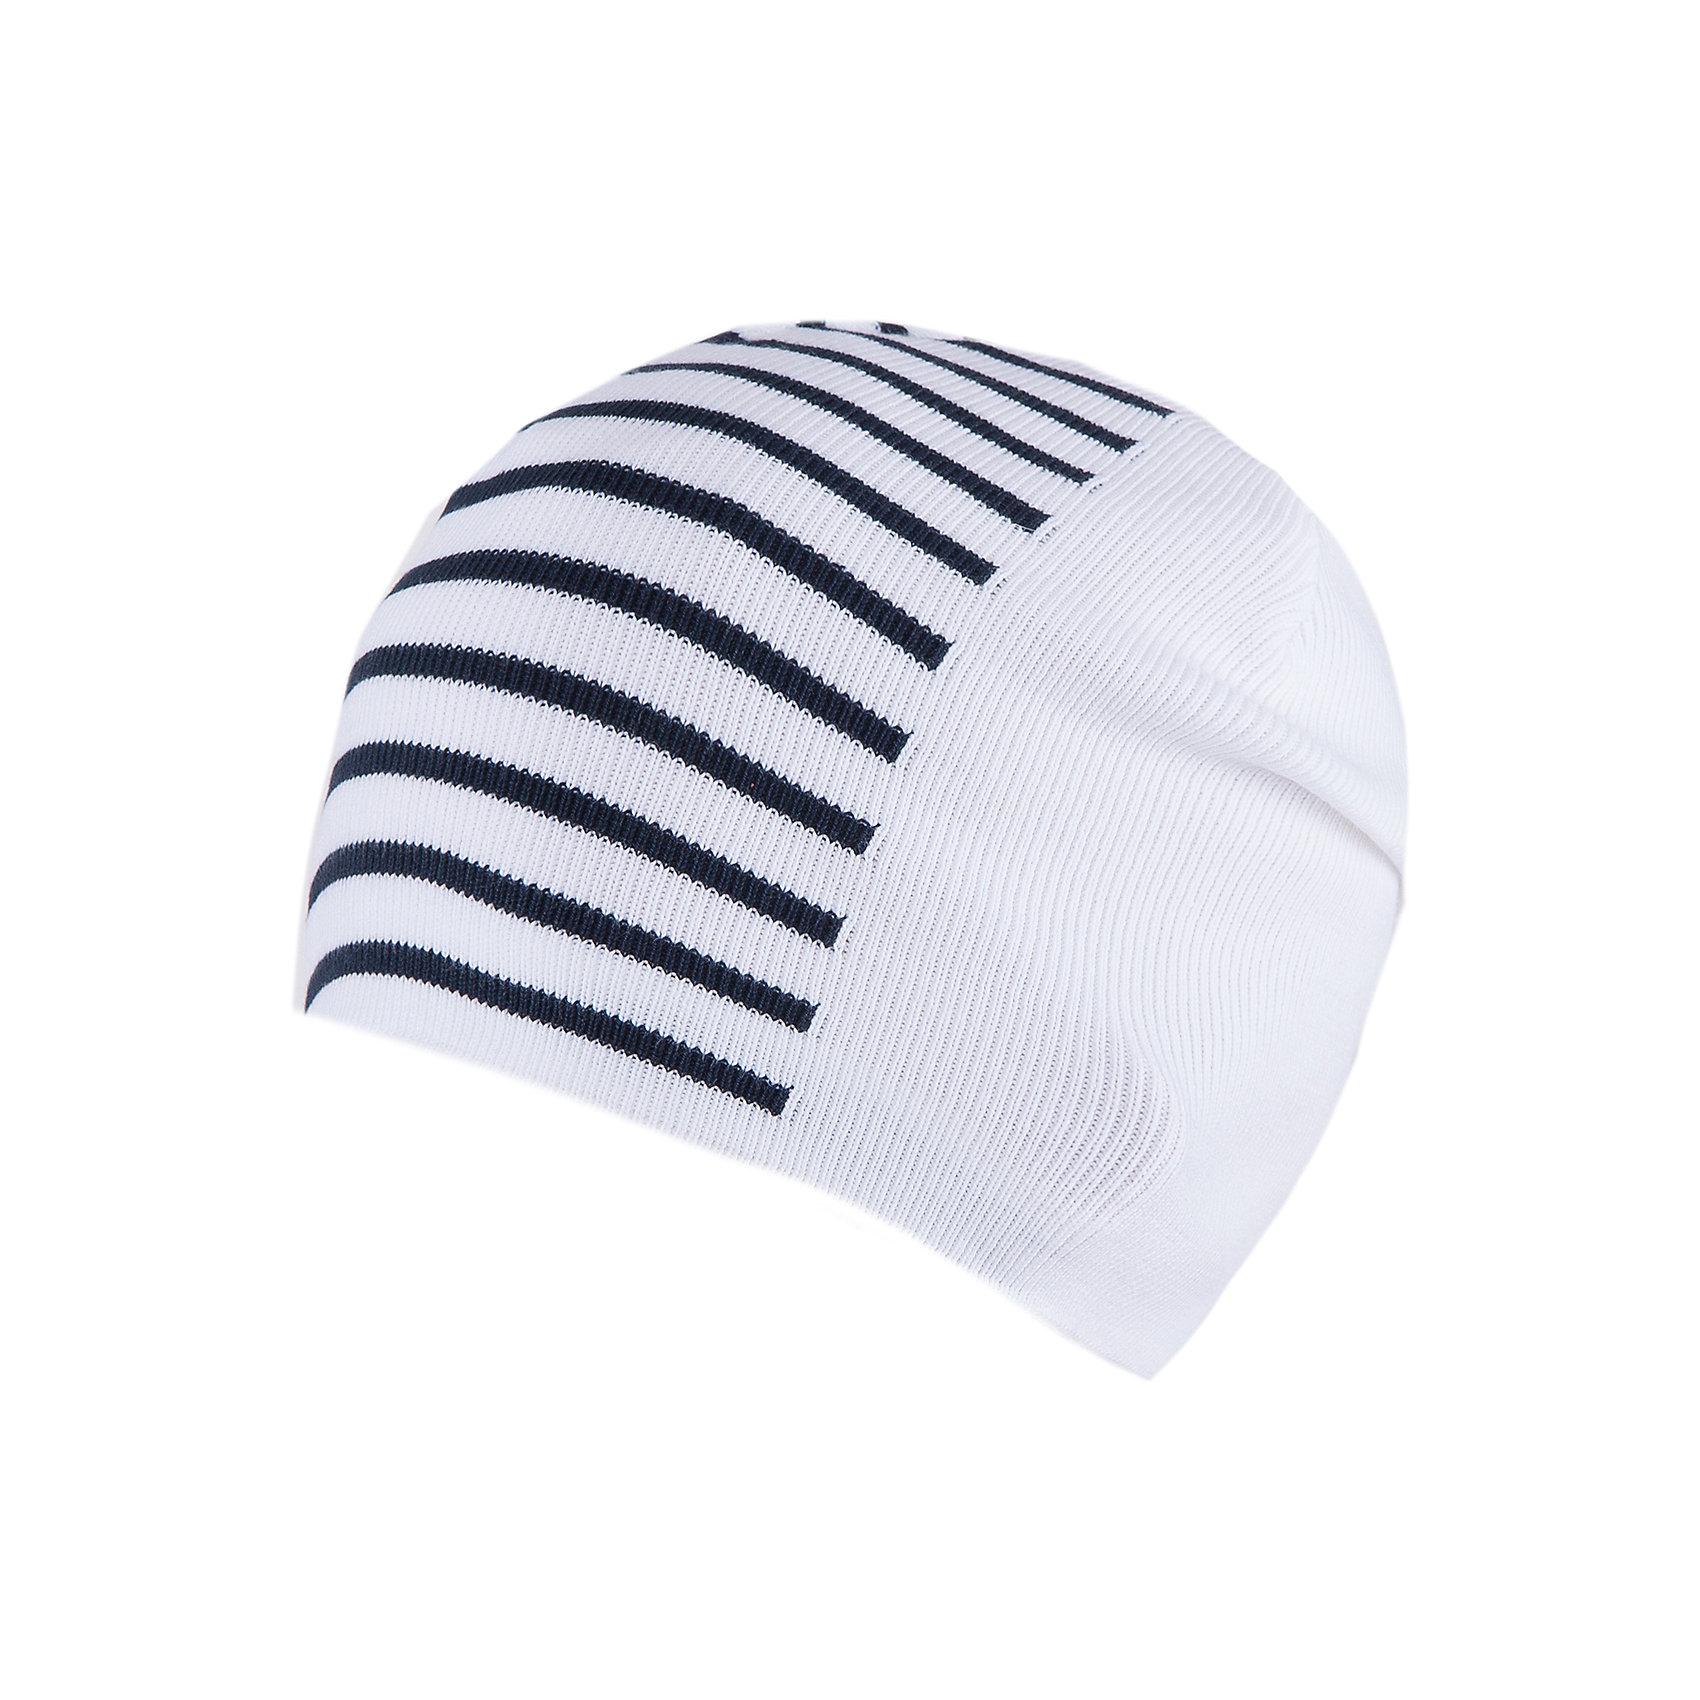 Шапка для мальчика АртельШапка для мальчика от торговой марки Артель <br><br>Стильная полосатая шапка отлично смотрится с разным нарядами. Изделие выполнено из качественных материалов, вязка плотная. Натуральный хлопок обеспечит износостойкость и удобство. Отличный вариант для переменной погоды межсезонья! <br>Одежда от бренда Артель – это высокое качество по приемлемой цене и всегда продуманный дизайн. <br><br>Особенности модели: <br>- цвет — белый; <br>- в полоску; <br>- натуральный хлопок. <br><br>Дополнительная информация: <br><br>Состав: 100% хлопок.<br><br><br>Температурный режим: <br>От -5 °C до +10 °C <br><br>Шапку для мальчика Артель (Artel) можно купить в нашем магазине.<br><br>Ширина мм: 89<br>Глубина мм: 117<br>Высота мм: 44<br>Вес г: 155<br>Цвет: белый<br>Возраст от месяцев: 96<br>Возраст до месяцев: 108<br>Пол: Мужской<br>Возраст: Детский<br>Размер: 56,54,52<br>SKU: 4500475